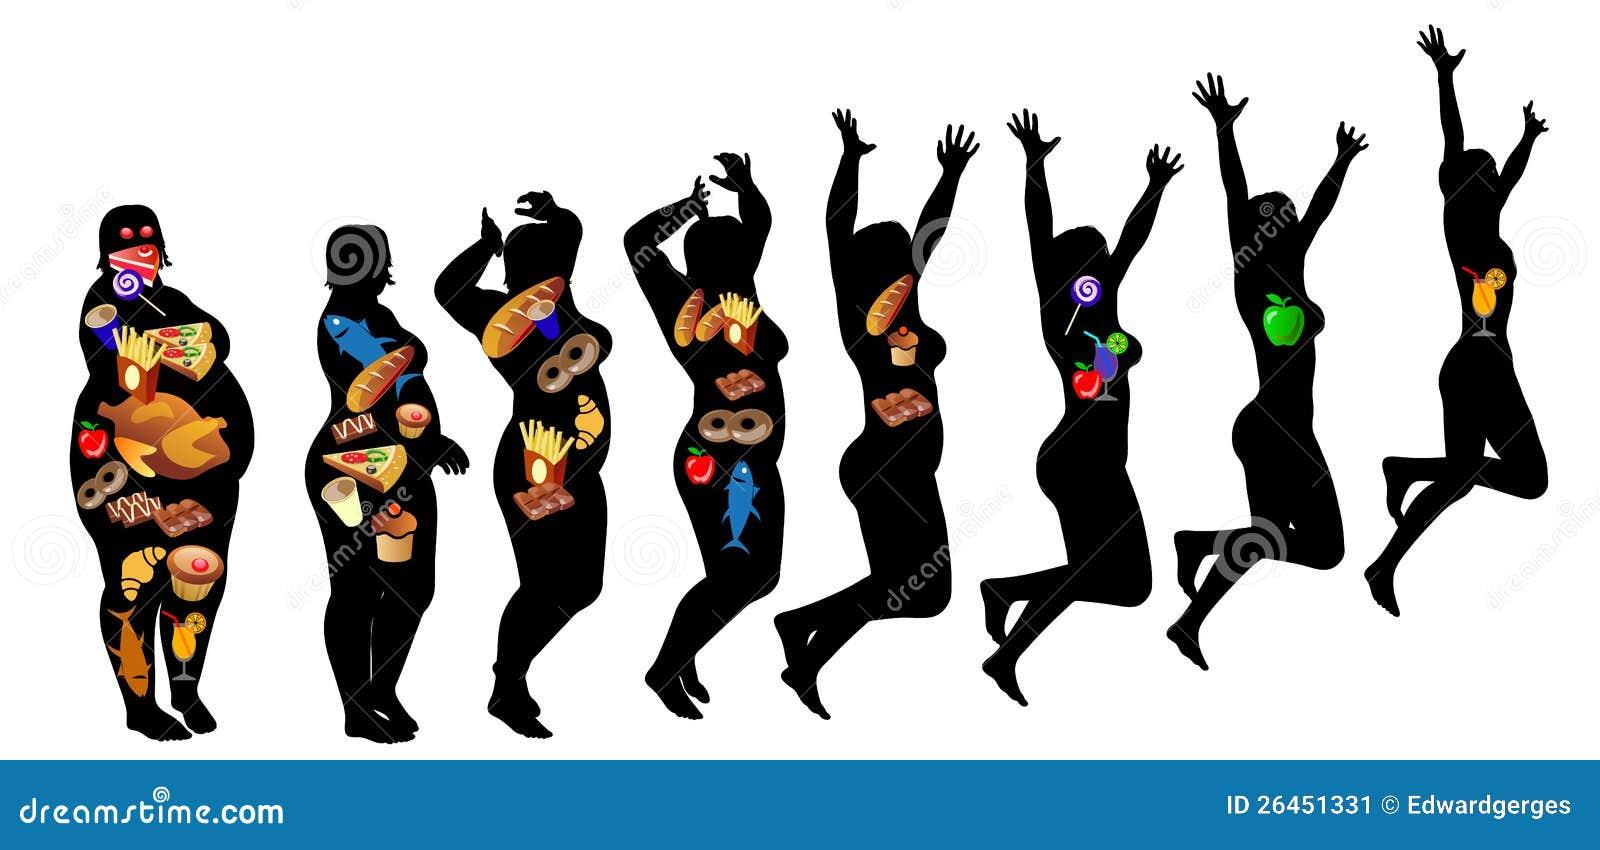 fat-fit-diet-loss-weight-success-26451331.jpg